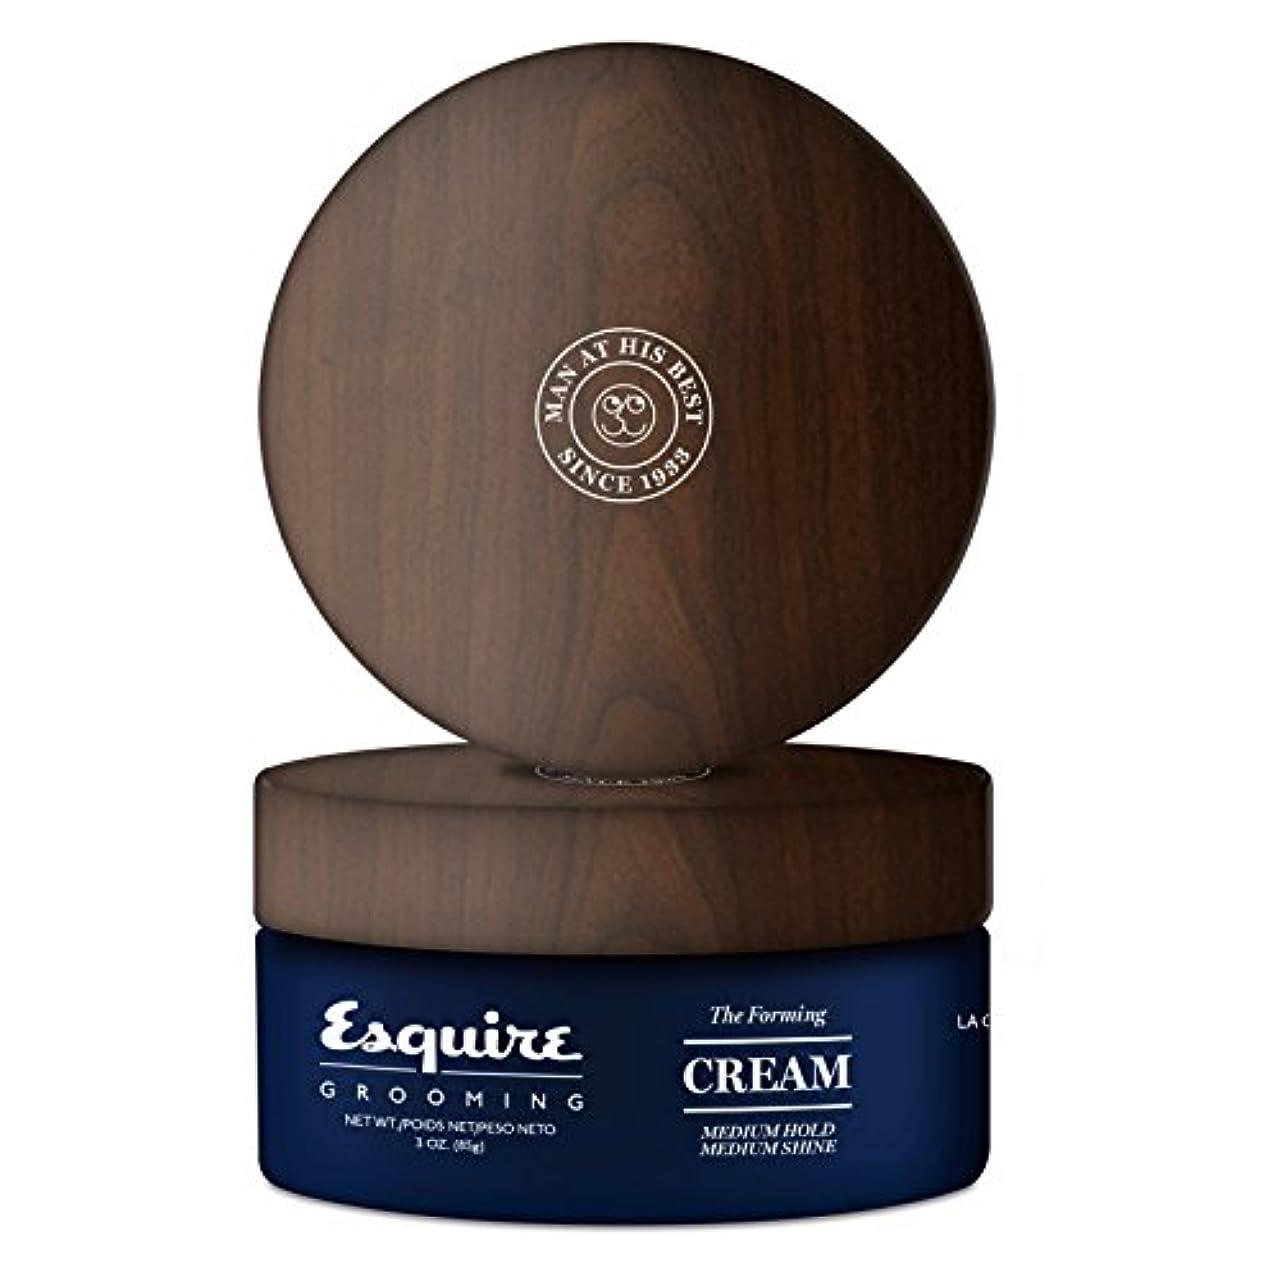 リレー世代ベッツィトロットウッドCHI Esquire Grooming The Forming Cream (Medium Hold, Medium Shine) 85g/3oz並行輸入品